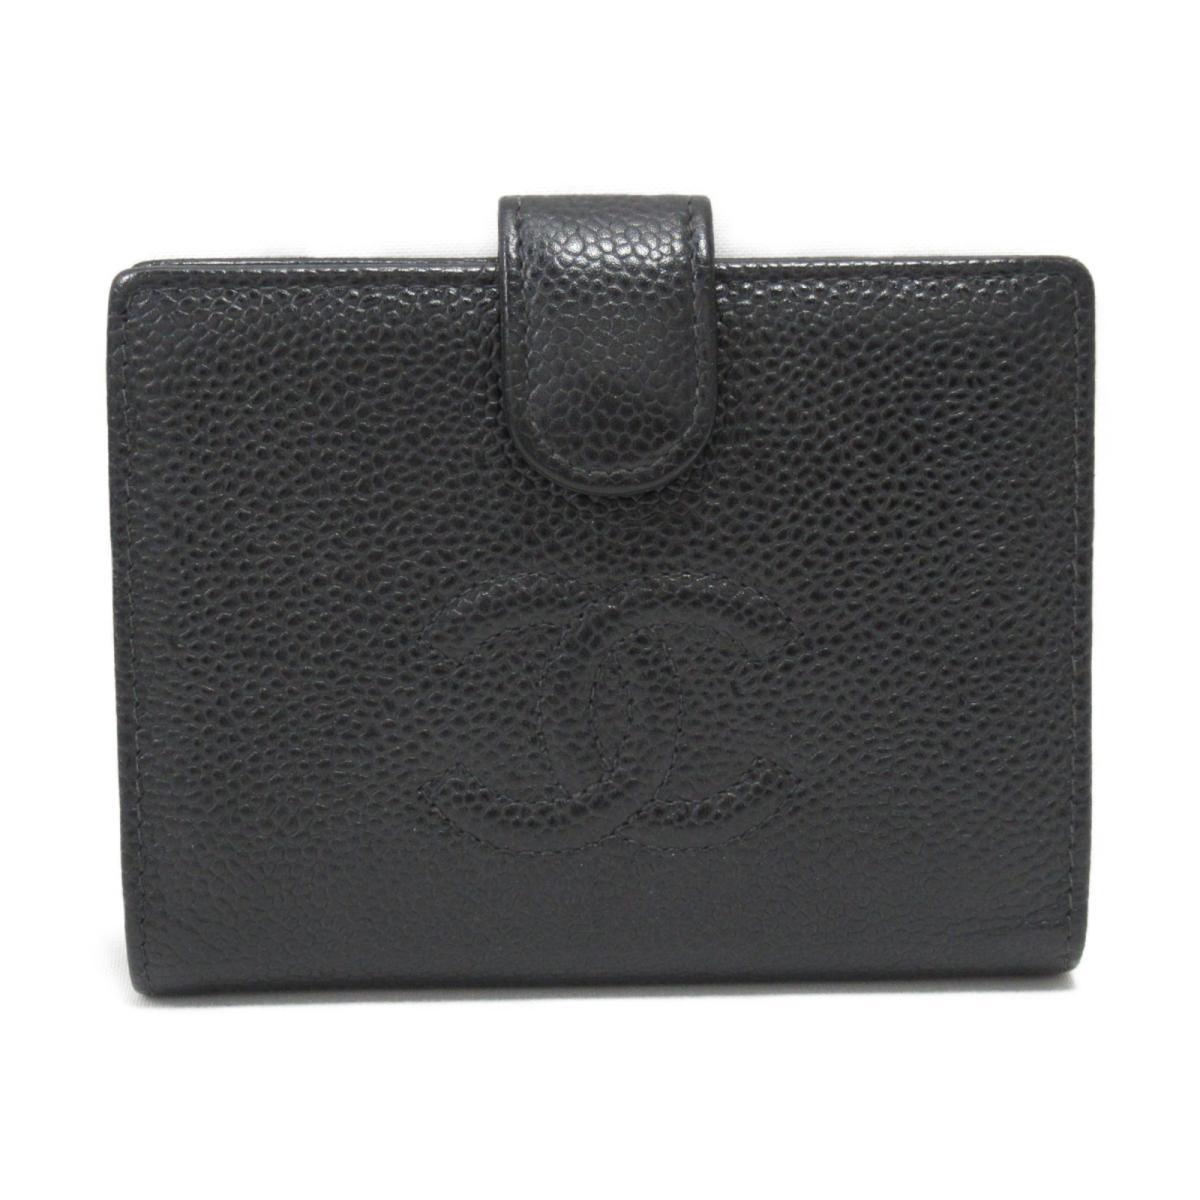 愛用  シャネル 二つ折財布 レディース キャビアスキン ブラック   CHANEL BRANDOFF ブランドオフ ブランド ブランド財布 財布 レディース財布 サイフ ミニ財布, アウトスポット cae7419e